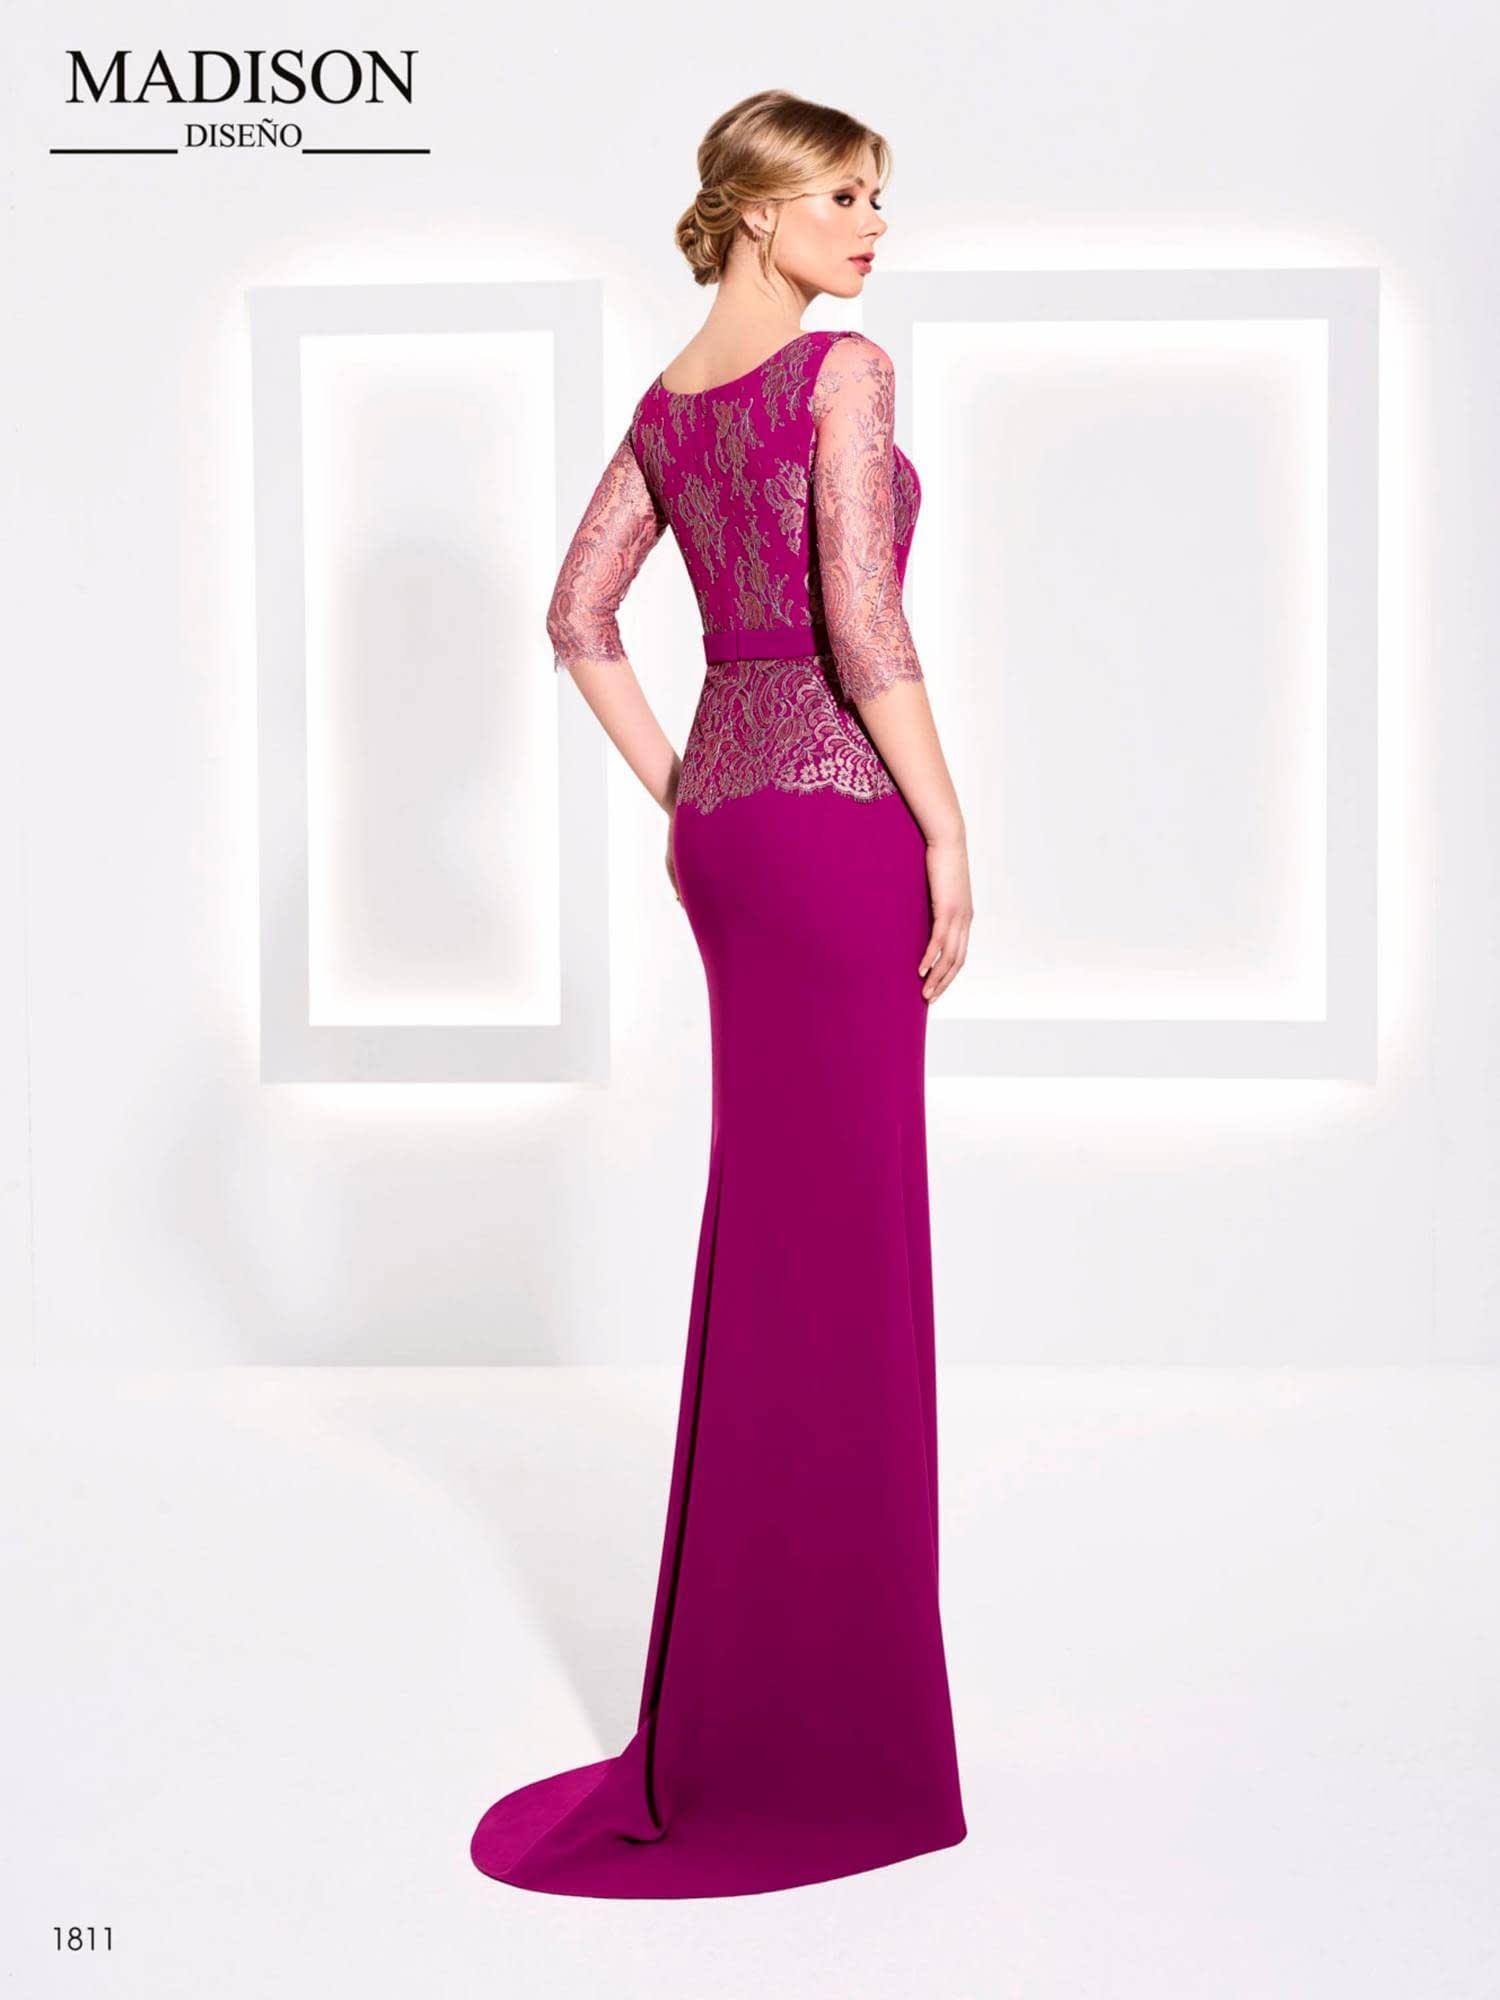 Increíble Novias Vestidos Embellecimiento - Colección de Vestidos de ...